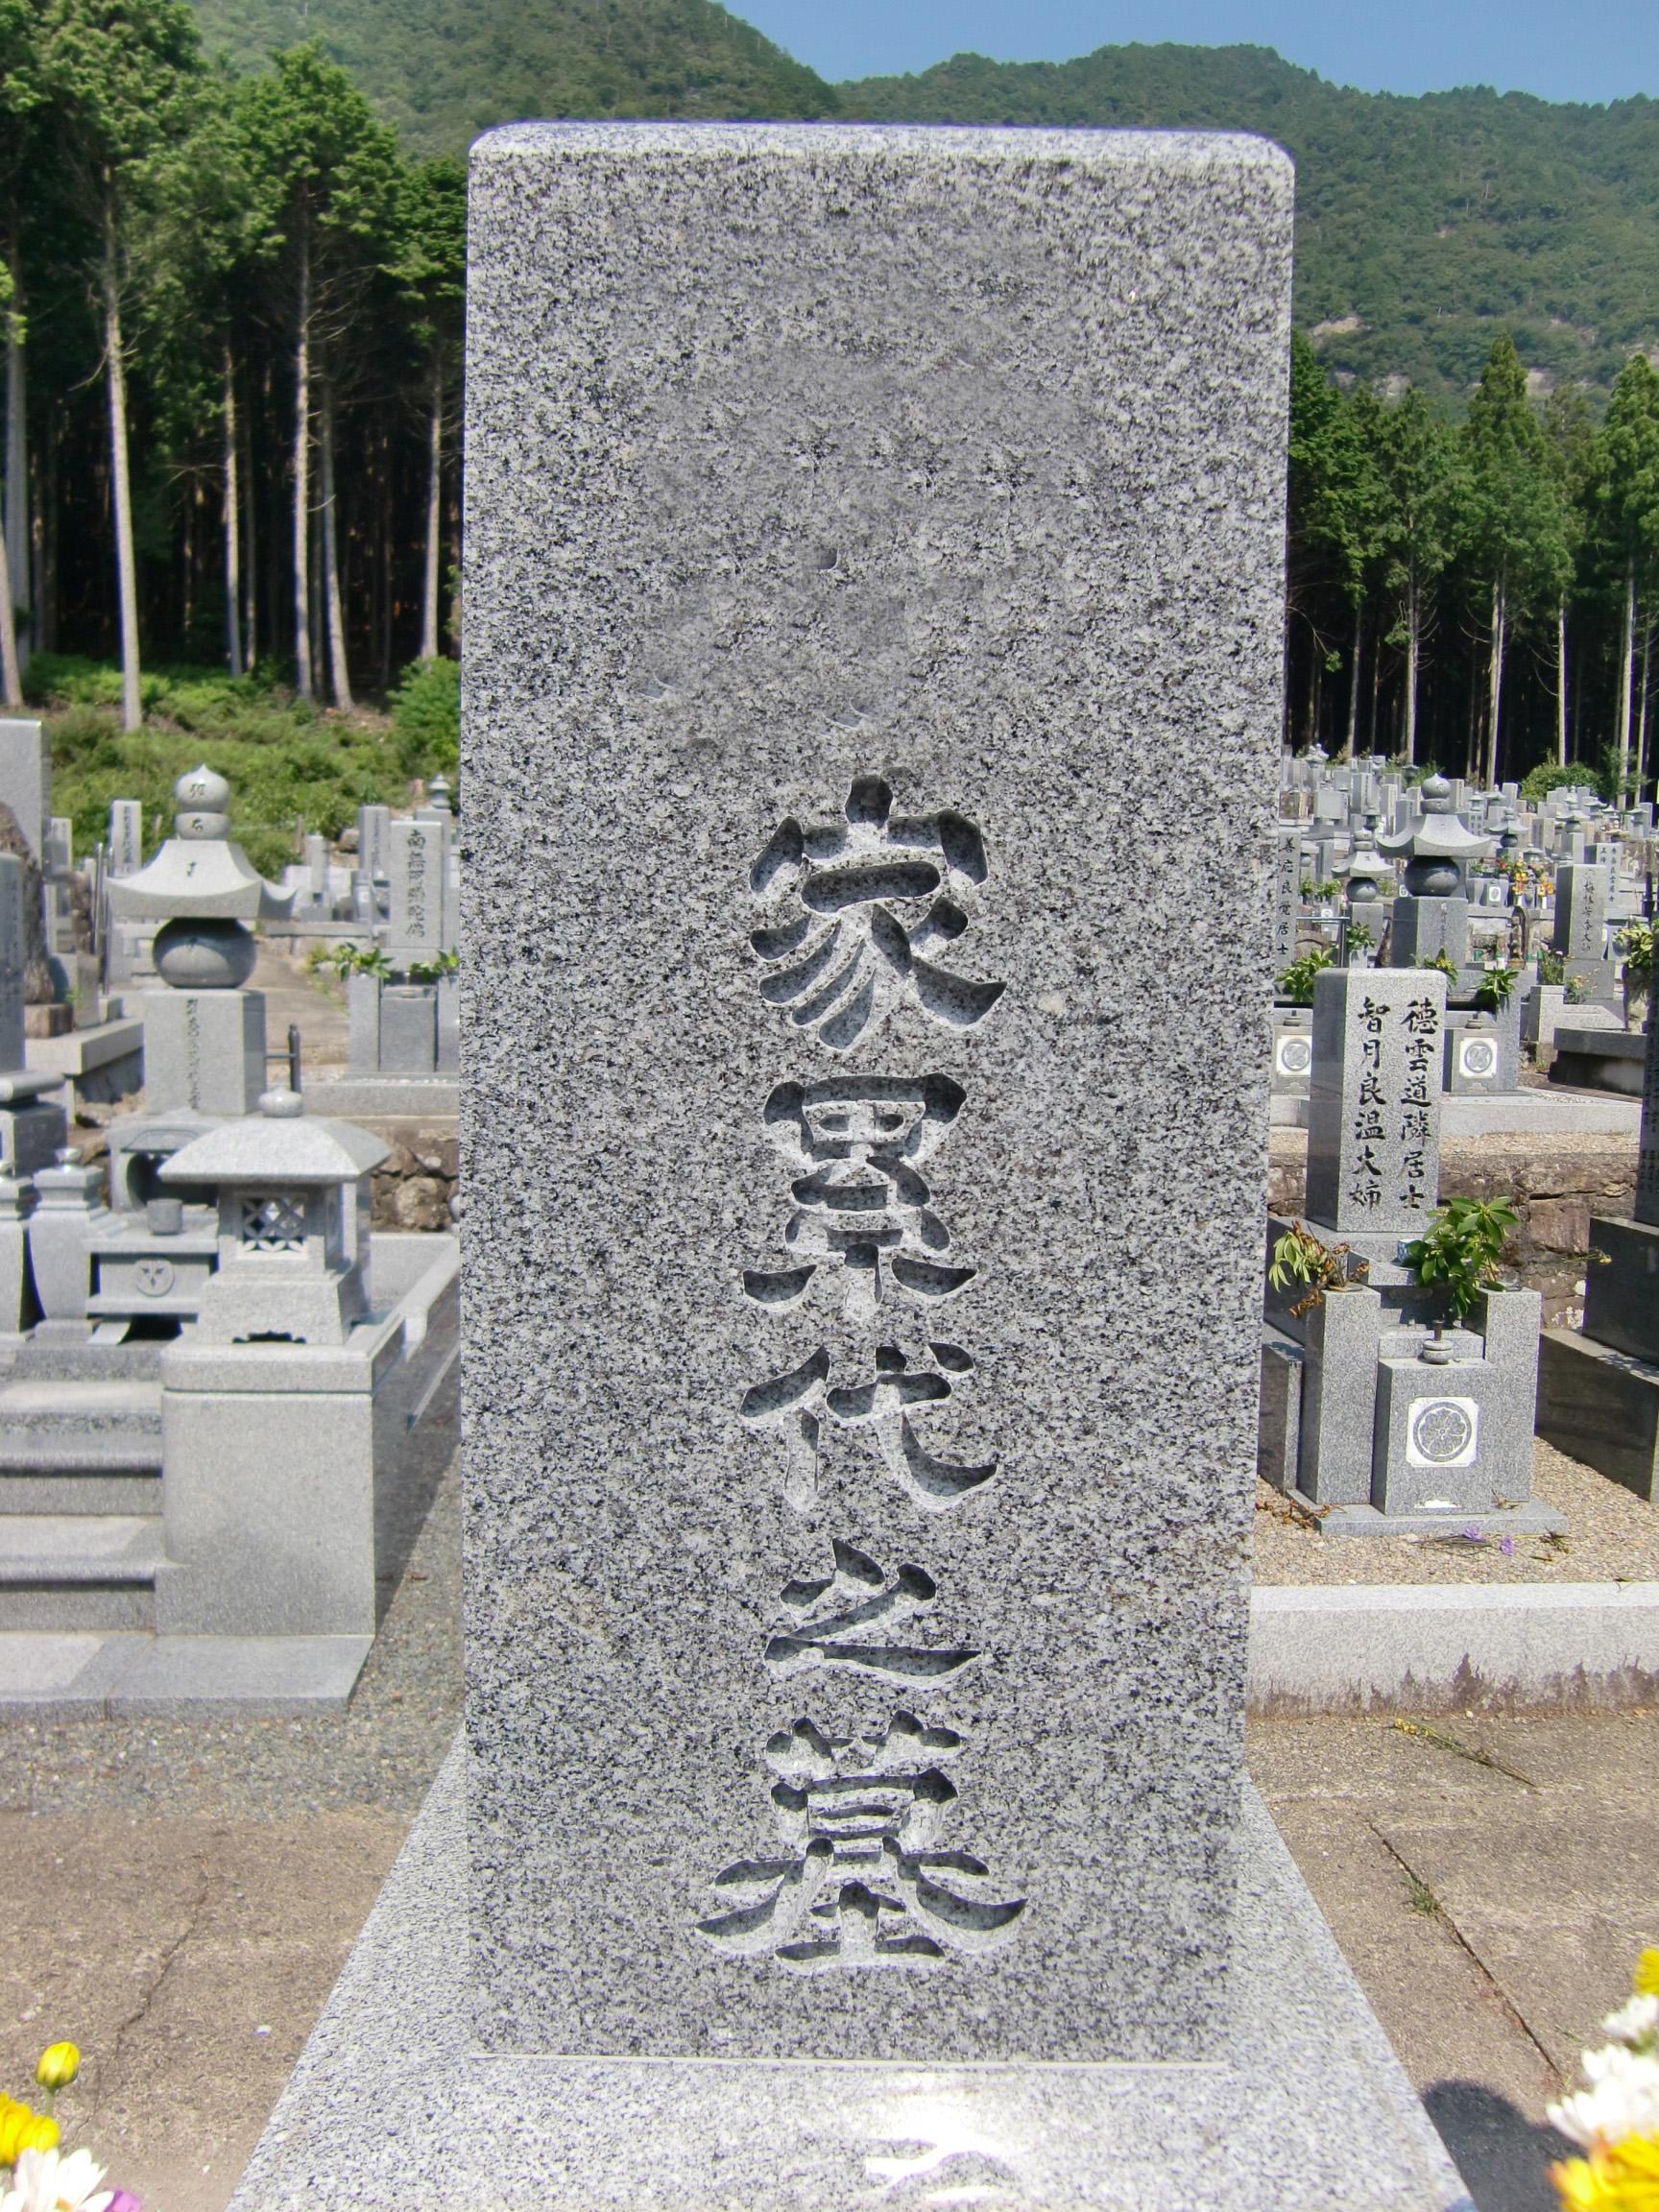 https://www.morita-stone.co.jp/weblog/img/12.28%20%E6%96%87%E5%AD%972.jpg